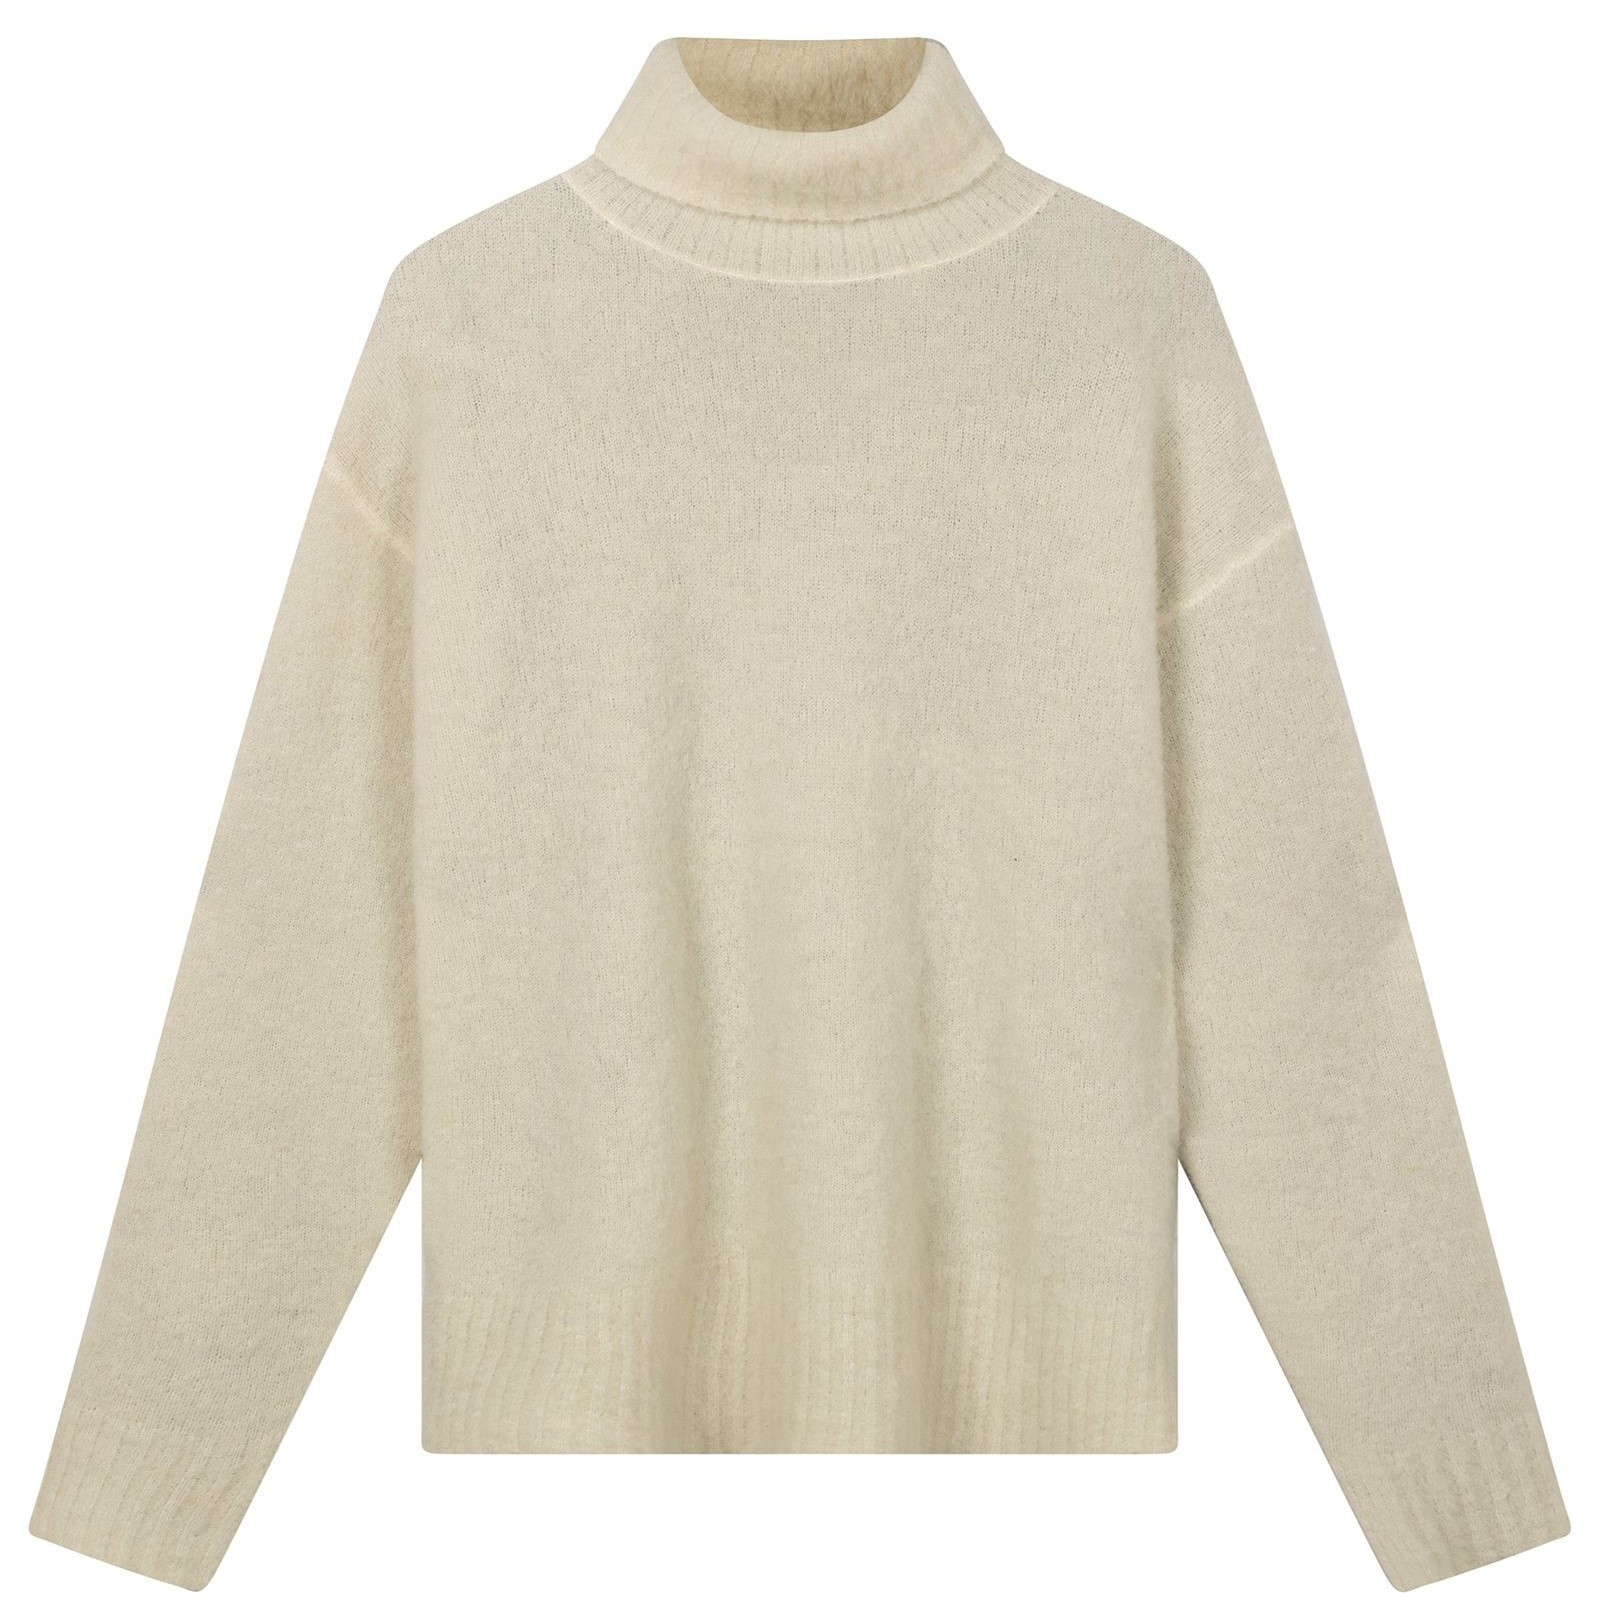 Trui reversible coll sweater ecru-1